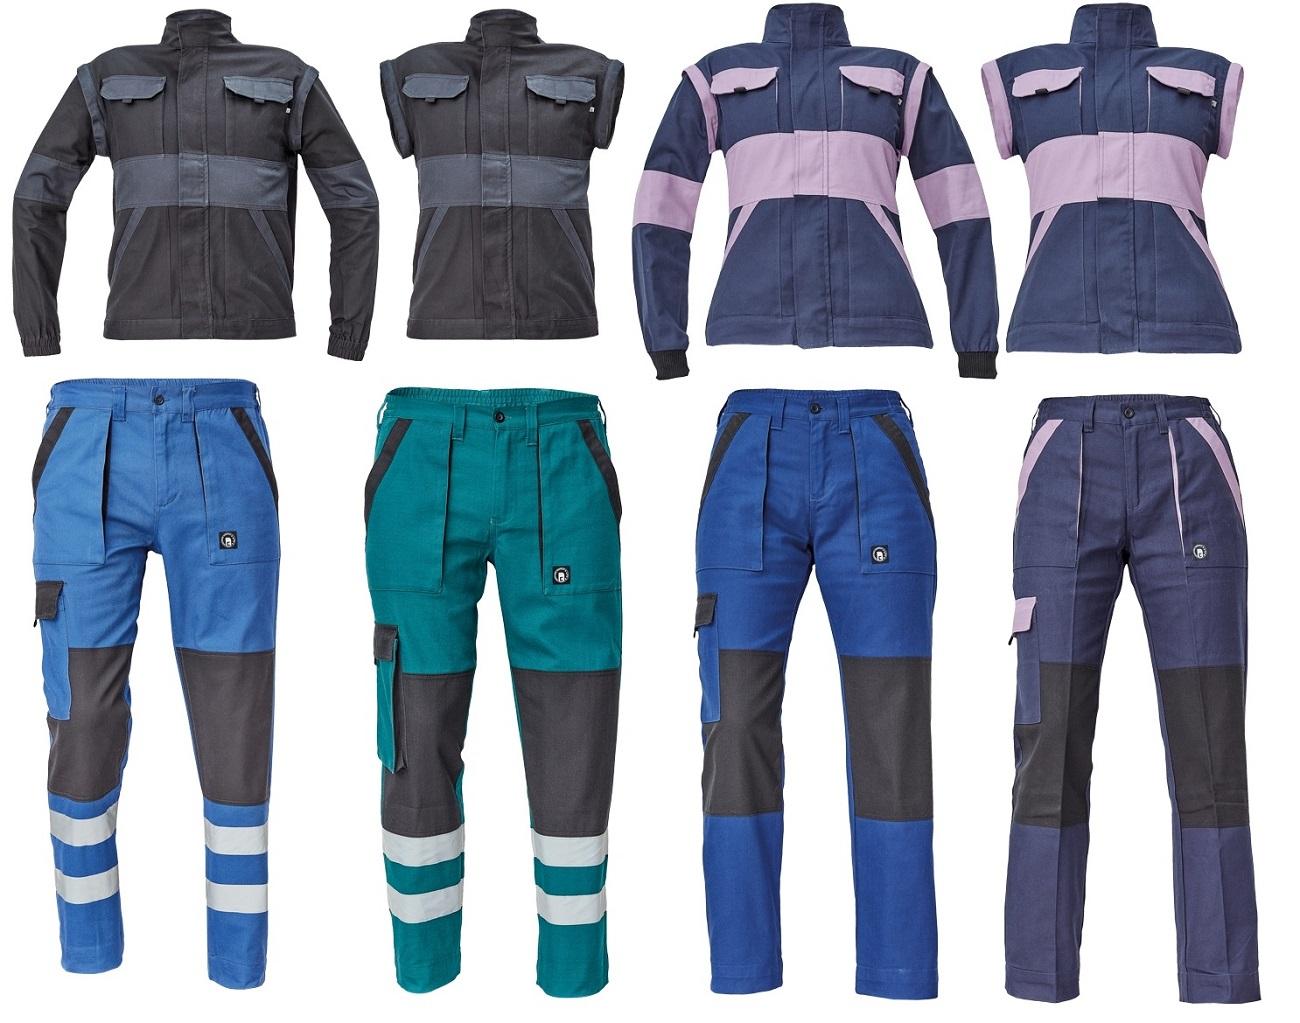 Kolekce pracovních oděvů Max NEO – novinky v nabídce